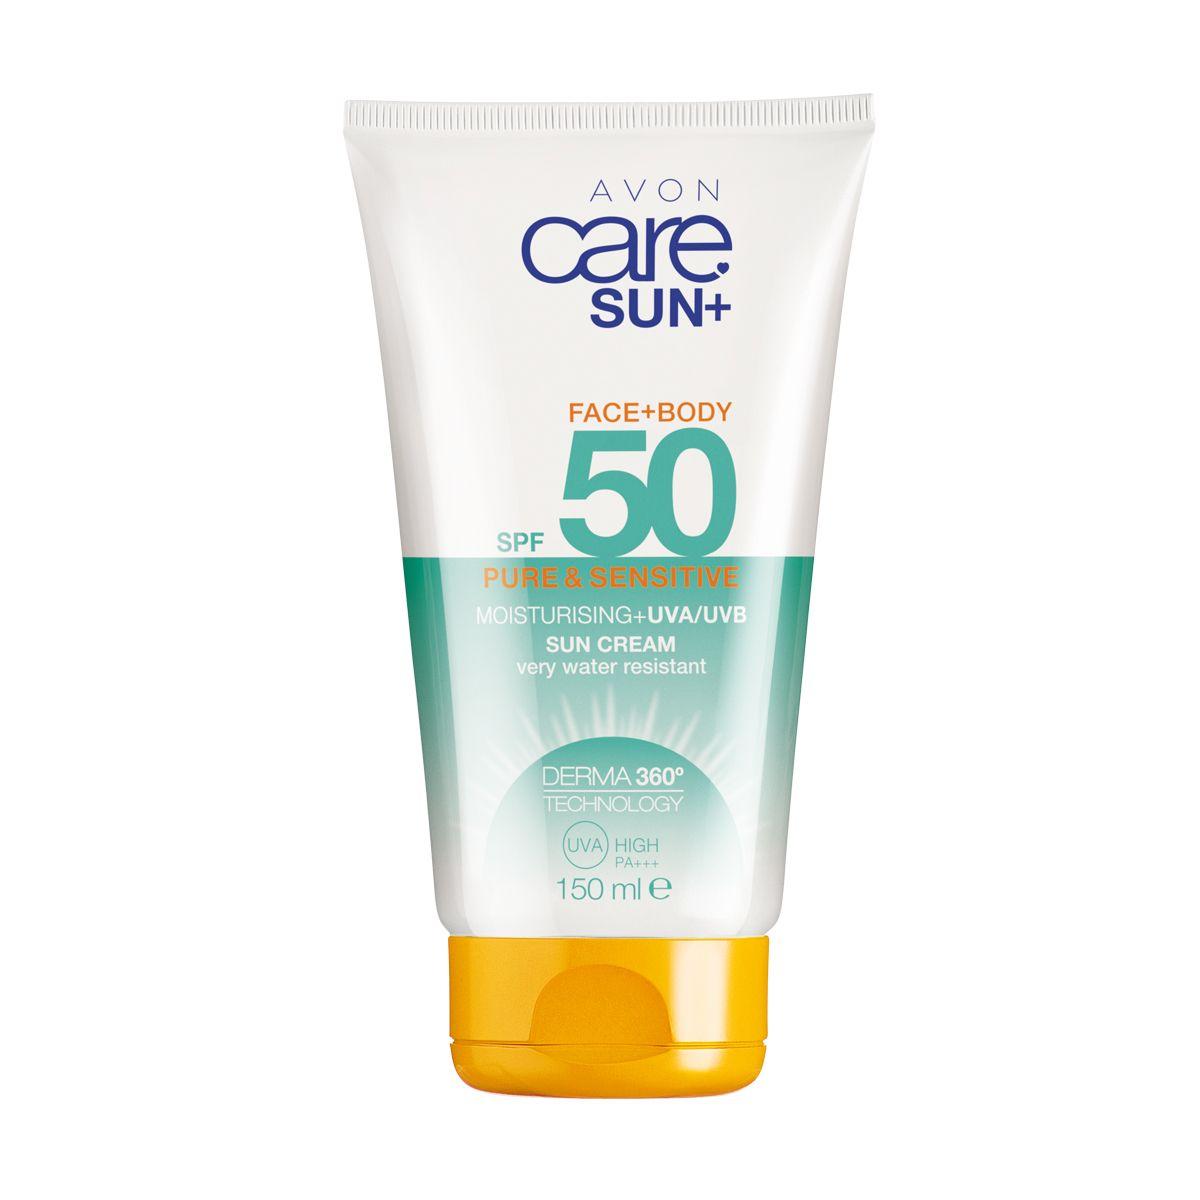 إفون كير صن بيور أند سينسيتيف كريم للعناية ببشرة الوجه و الجسم واقي من الشمس. بعامل حماية من الشمس SPF50 150ml 94797